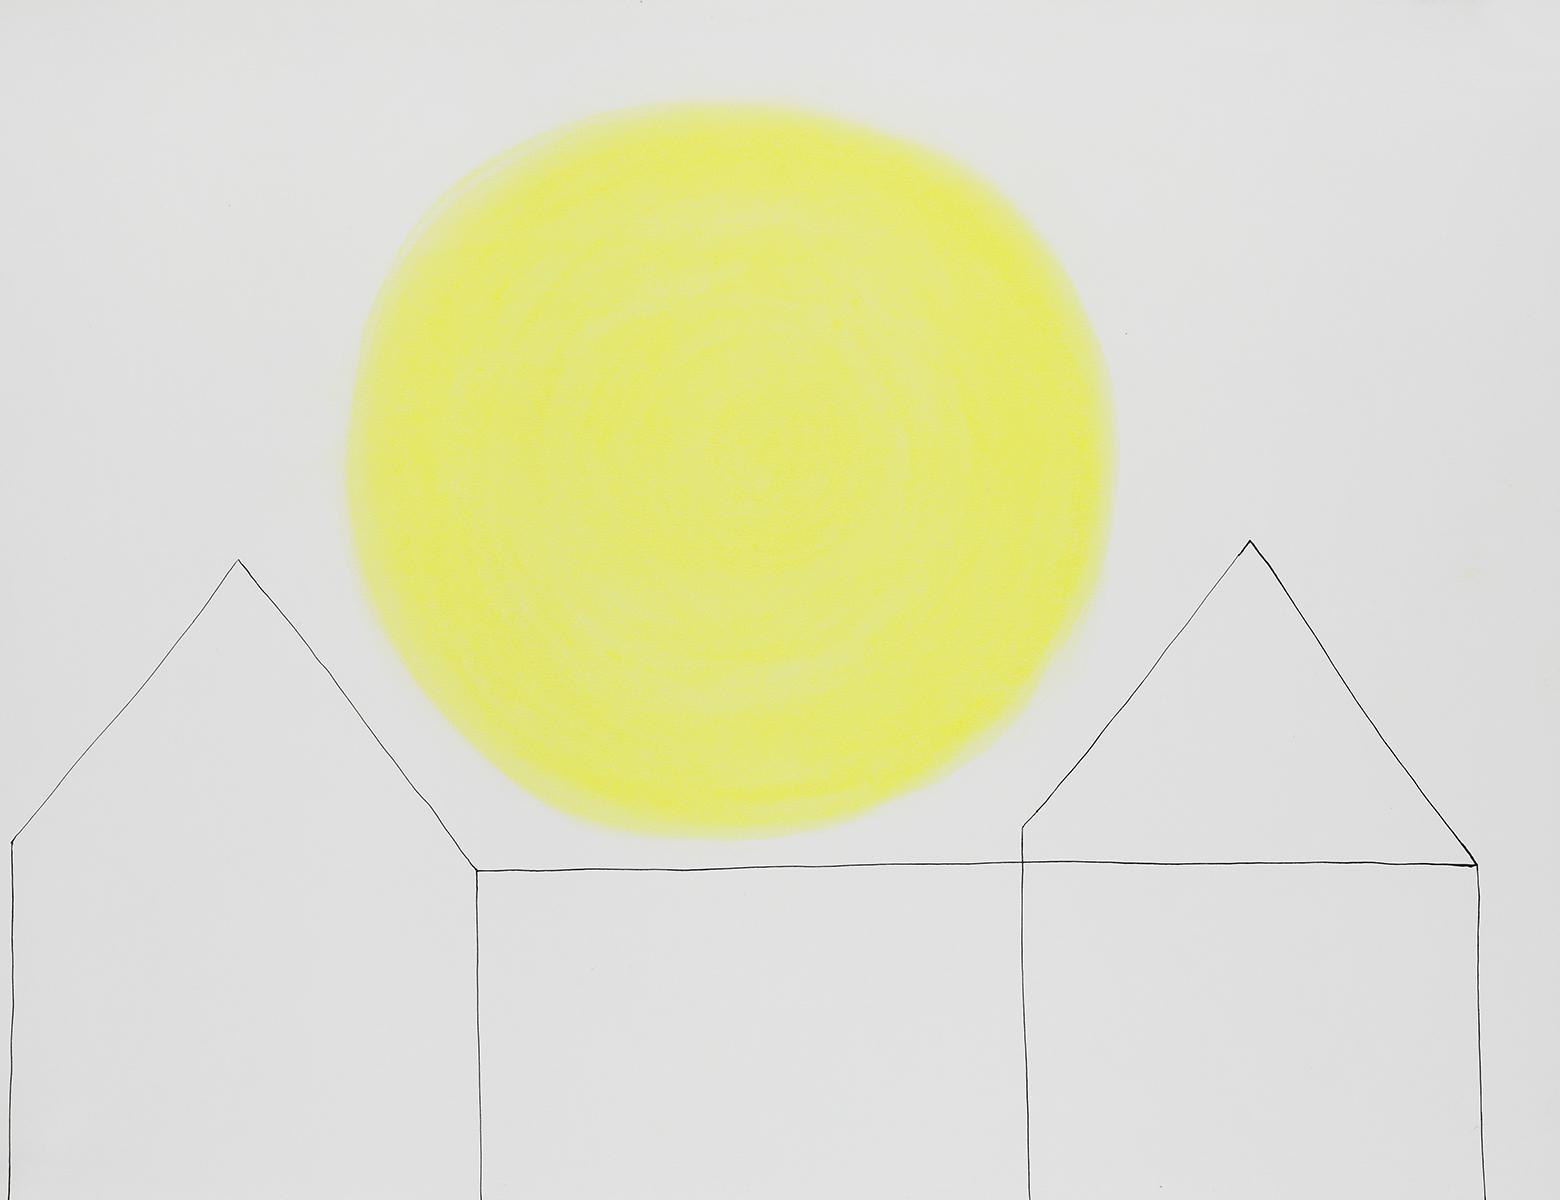 Huis 18 - Oost-Indische inkt & pastelkrijt - 50 x 70 cm